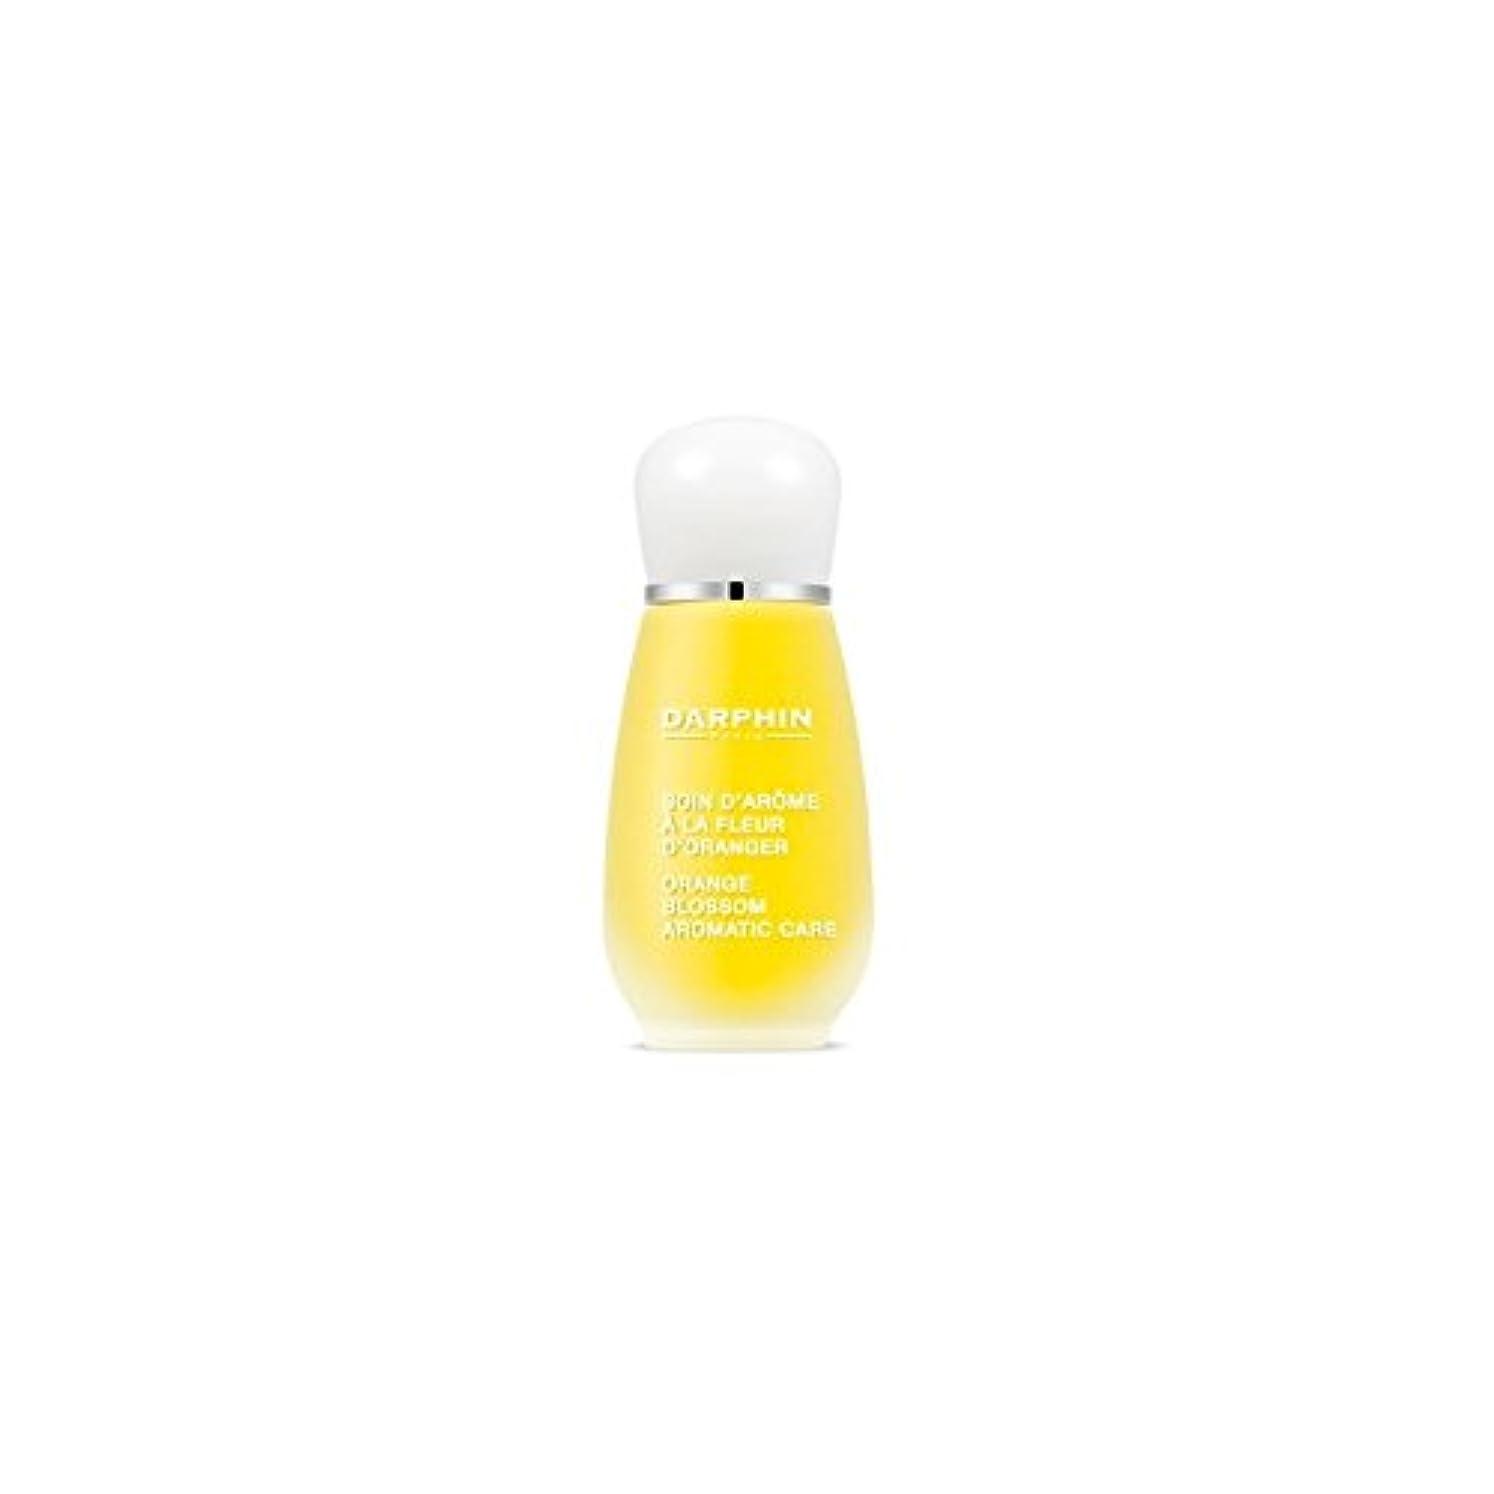 実験をするその他妻ダルファンオレンジの花の芳香ケア(15ミリリットル) x4 - Darphin Orange Blossom Aromatic Care (15ml) (Pack of 4) [並行輸入品]